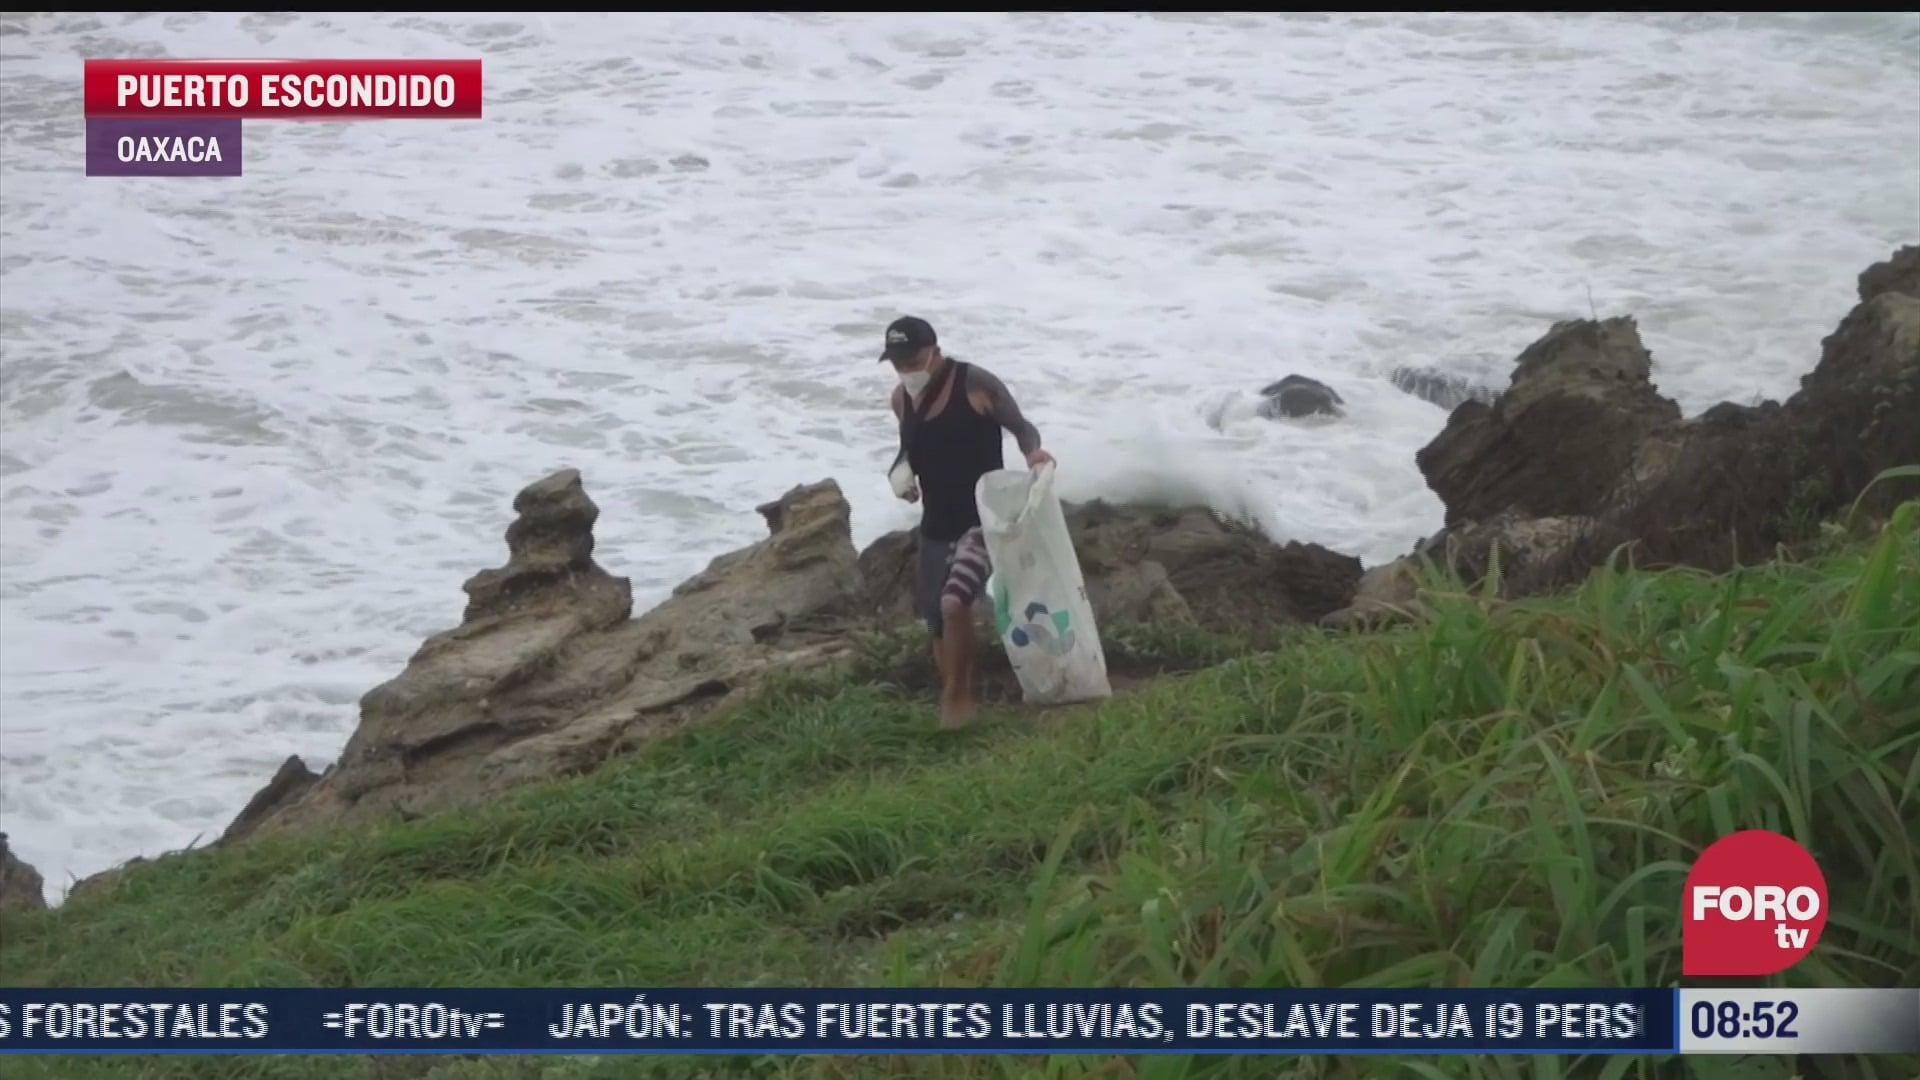 Recolectan más de 700 kilos de basura en playas de Puerto Escondido, Oaxaca